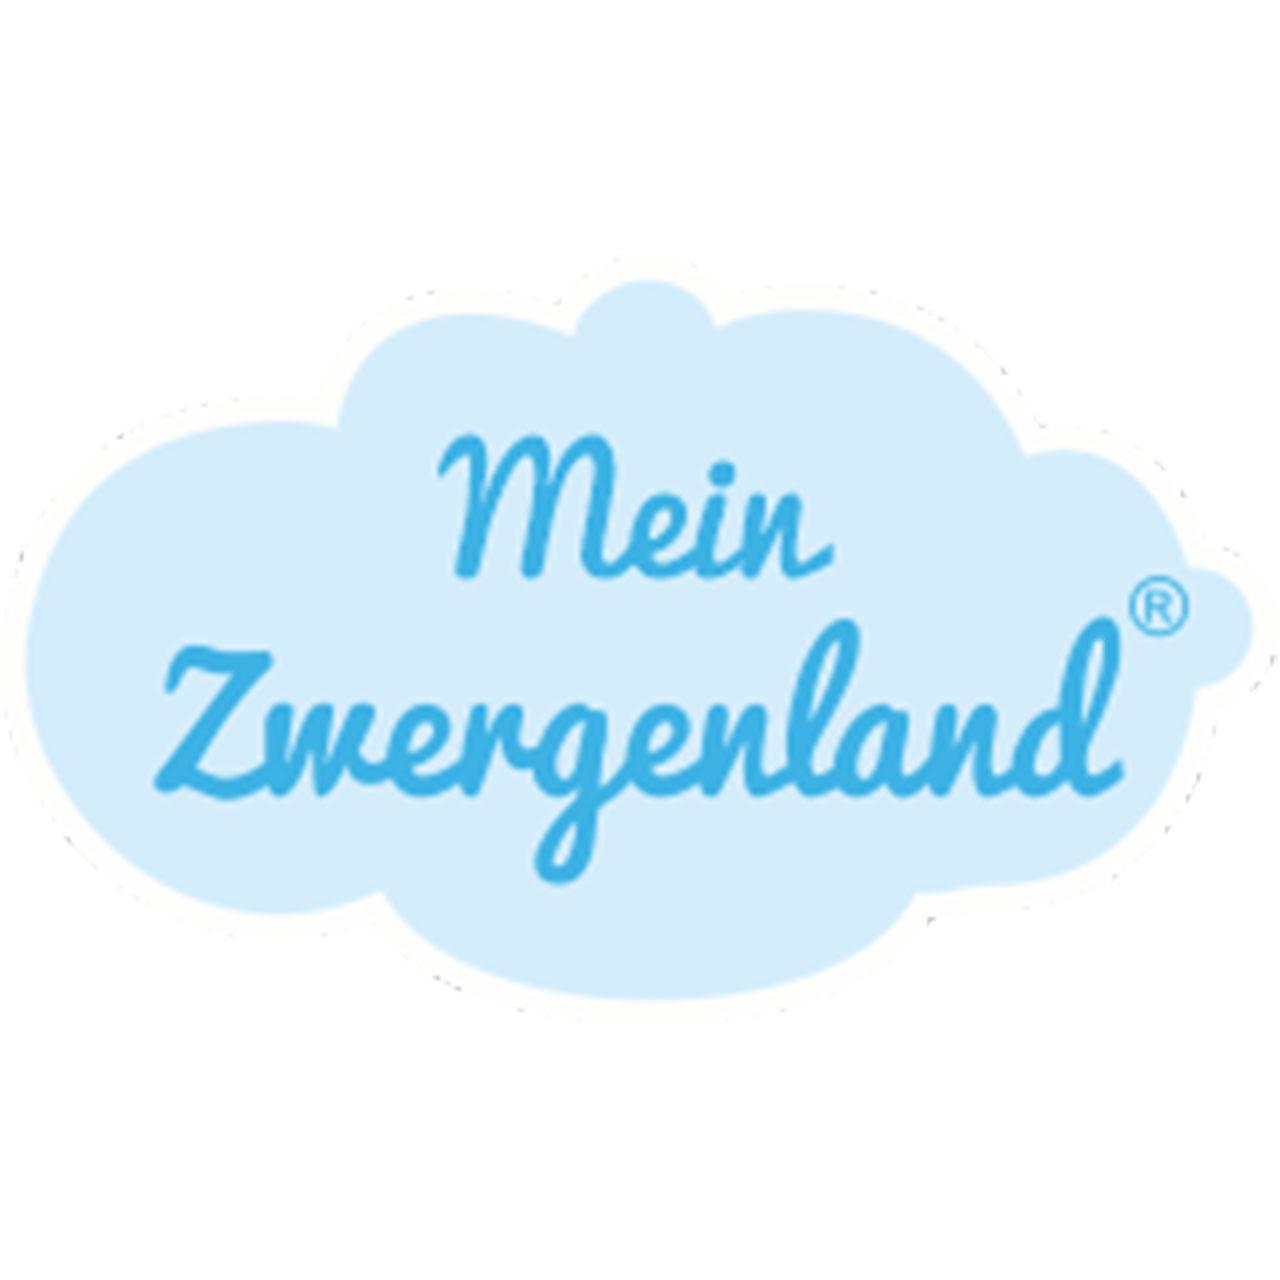 Mein Zwergenland